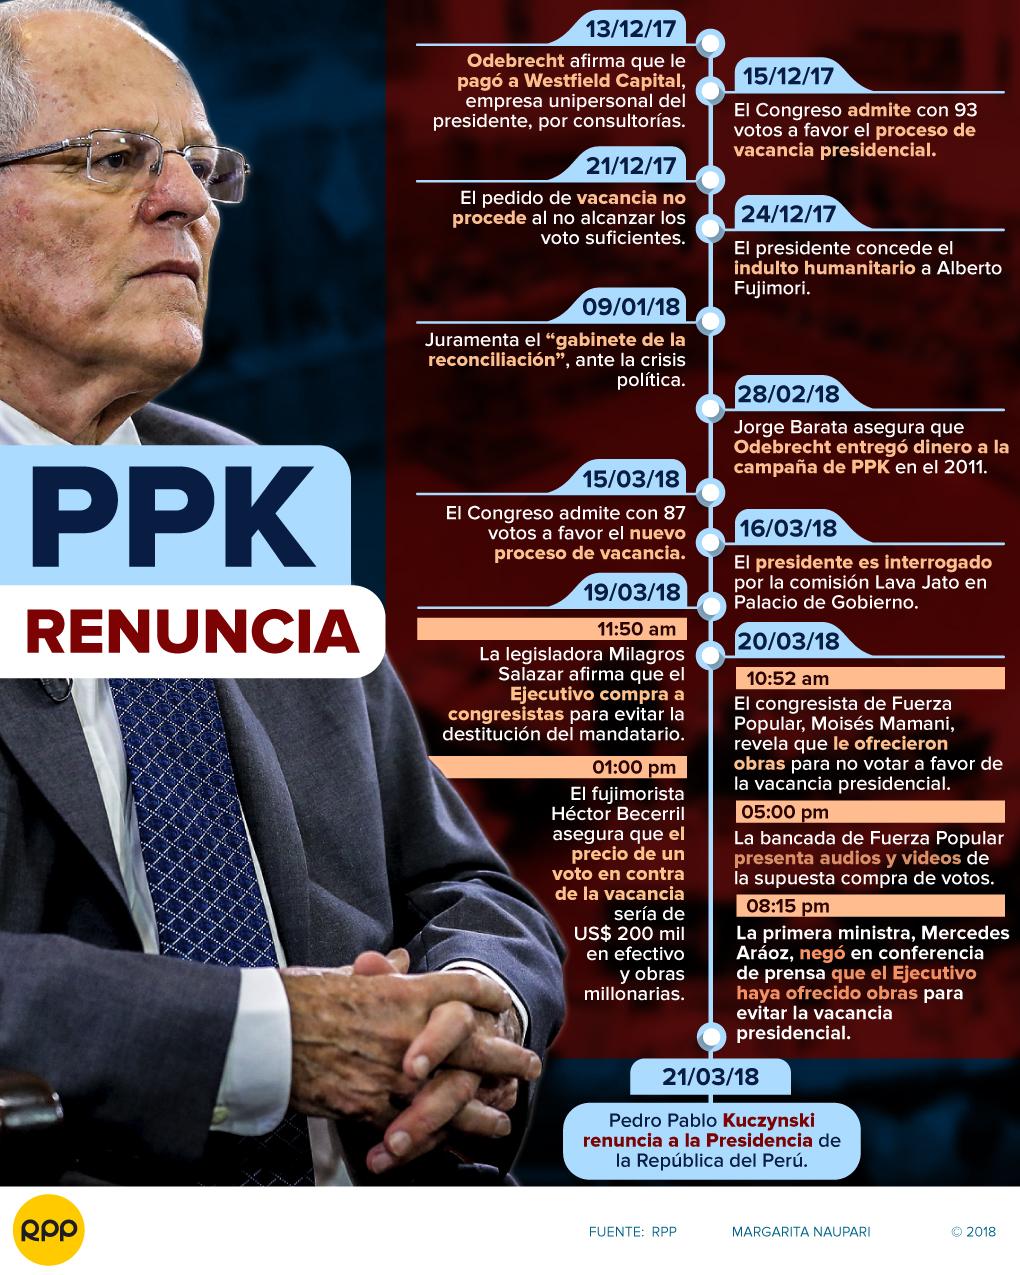 Cronología | La crisis política que llevó a la renuncia de Pedro Pablo Kuczynski